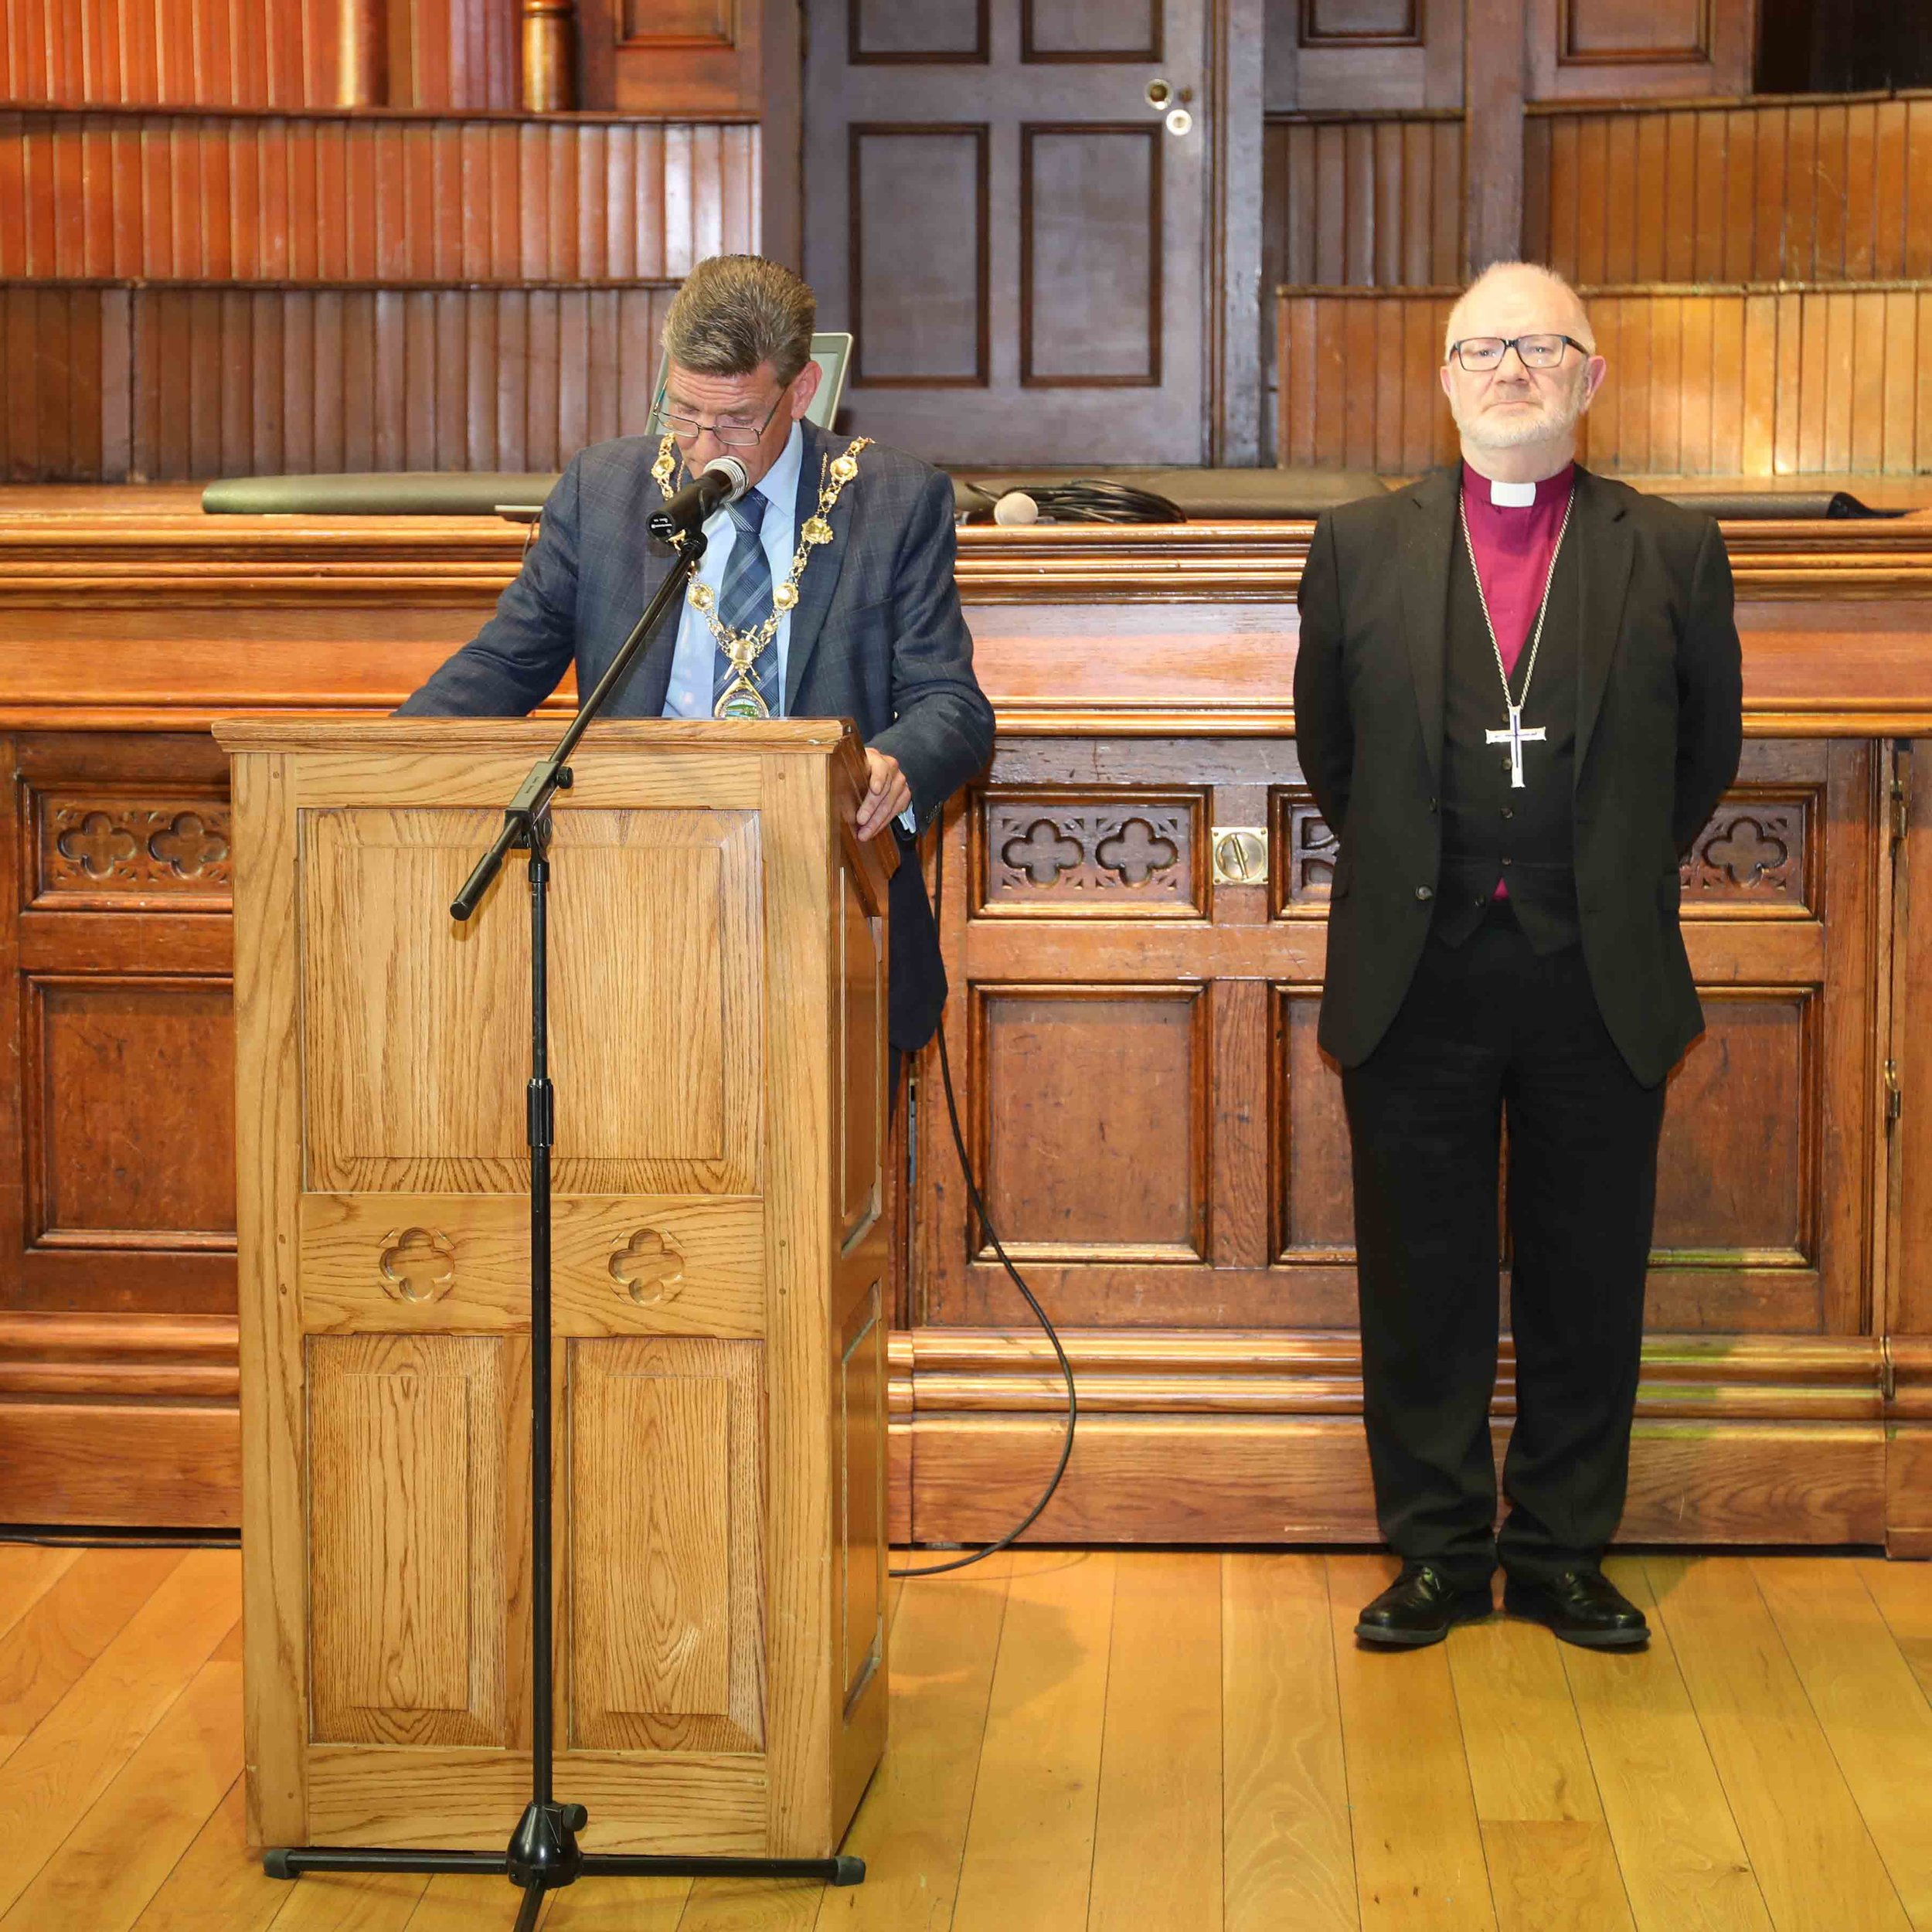 Mayor John Boyle addresses delegates